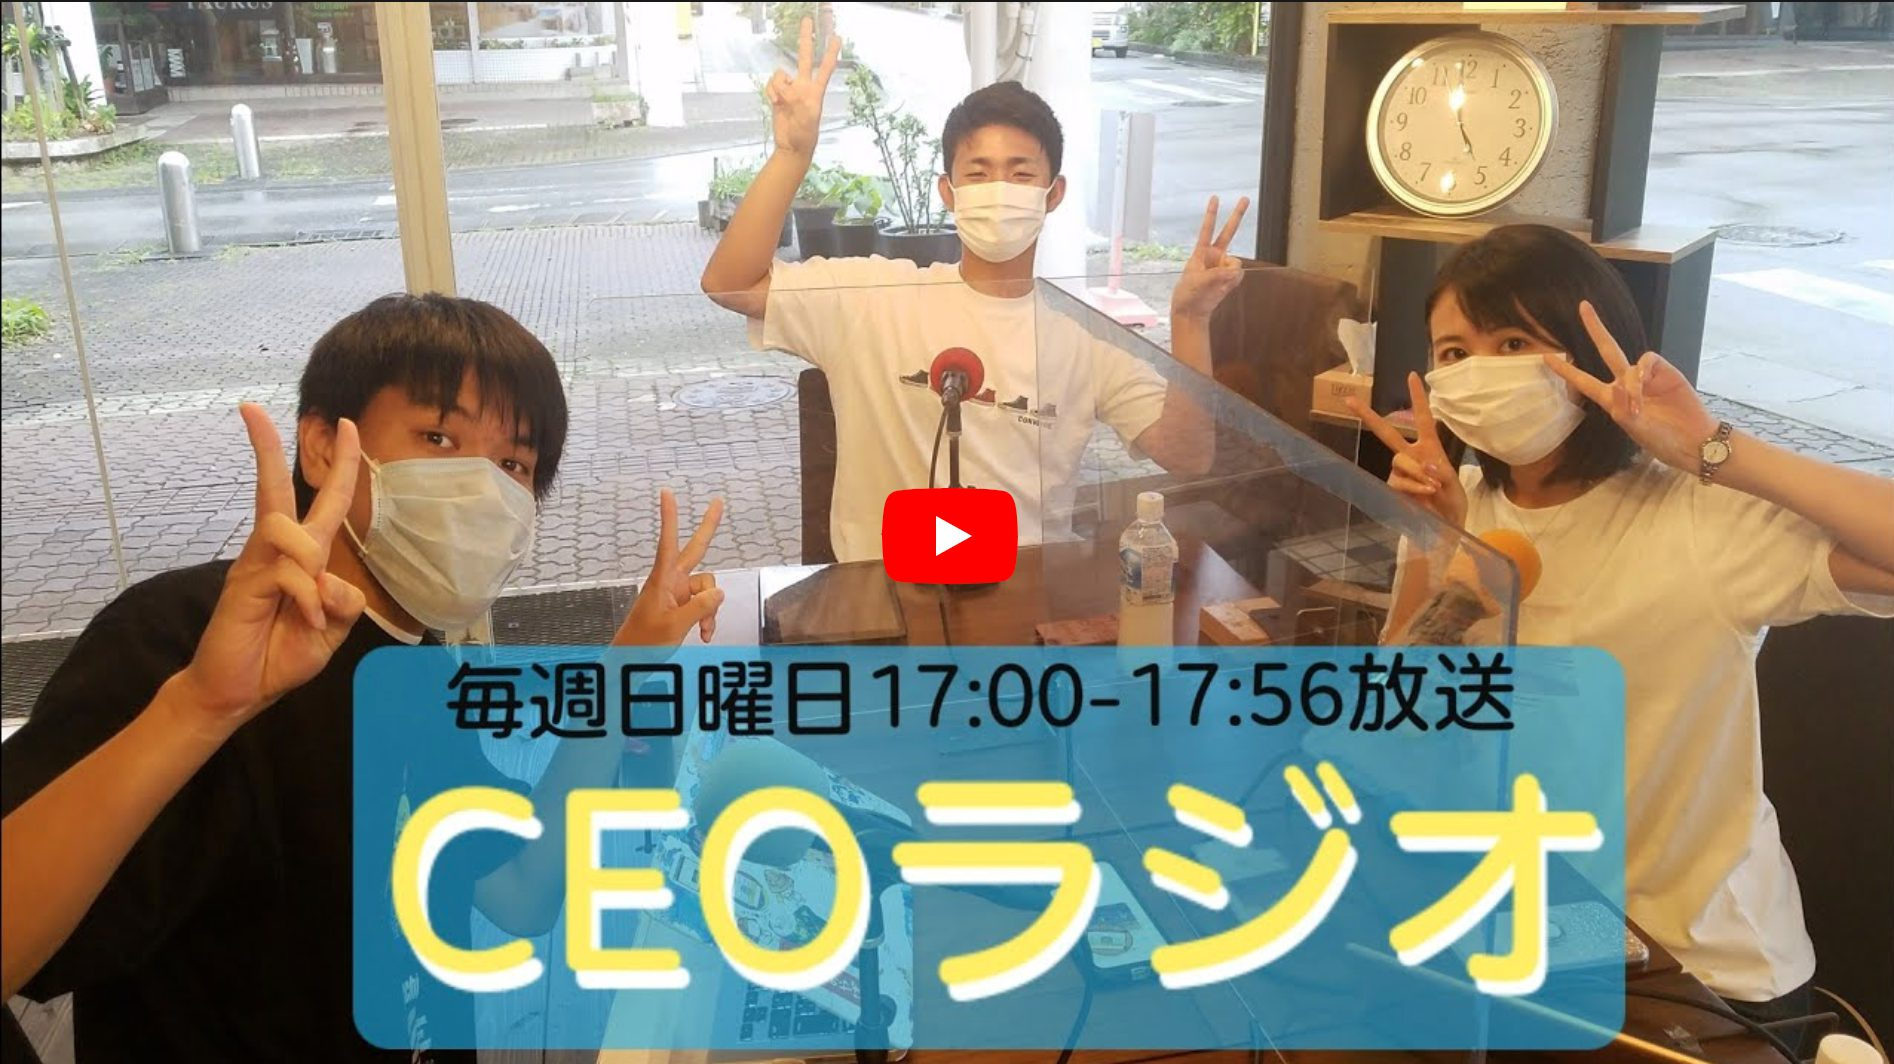 【インターン日記】CEOラジオに出演しました!